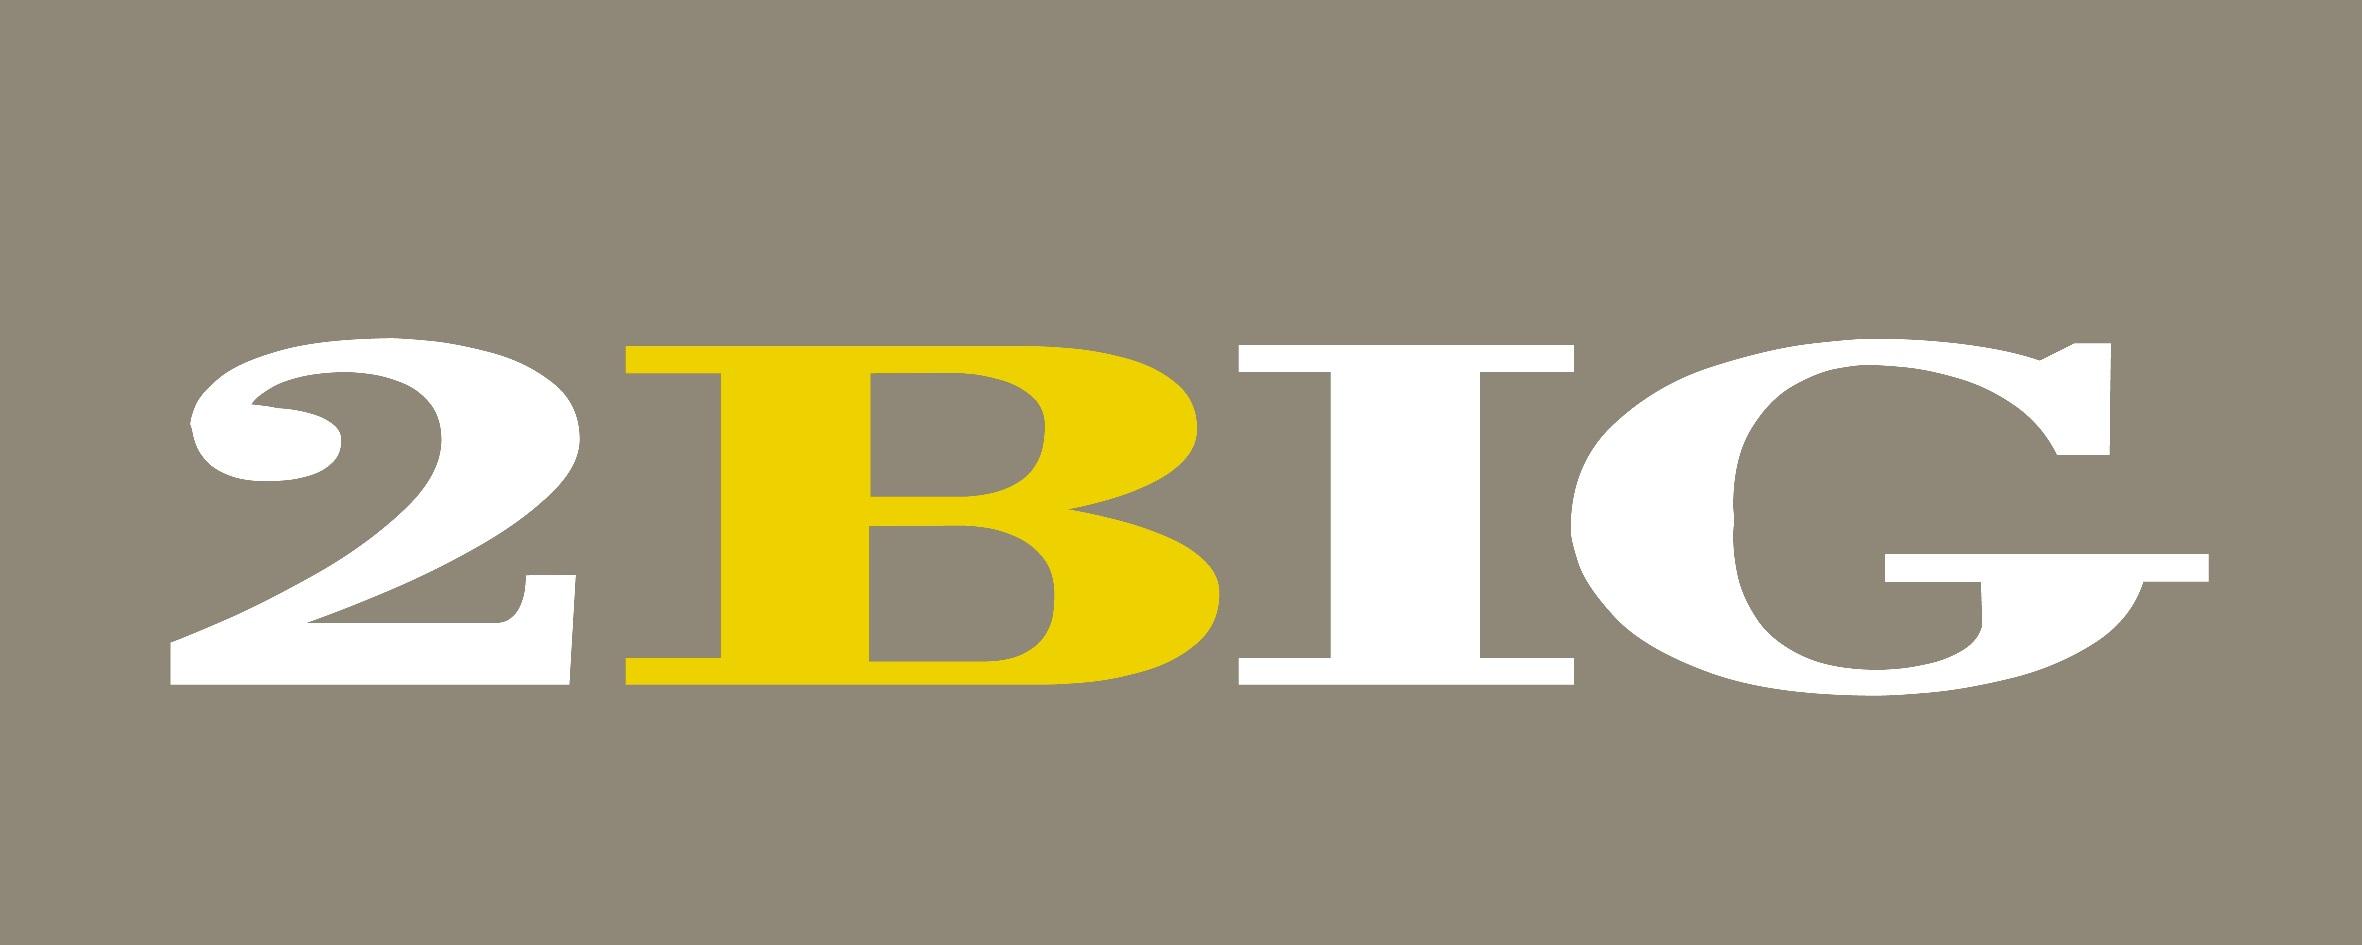 2 Big